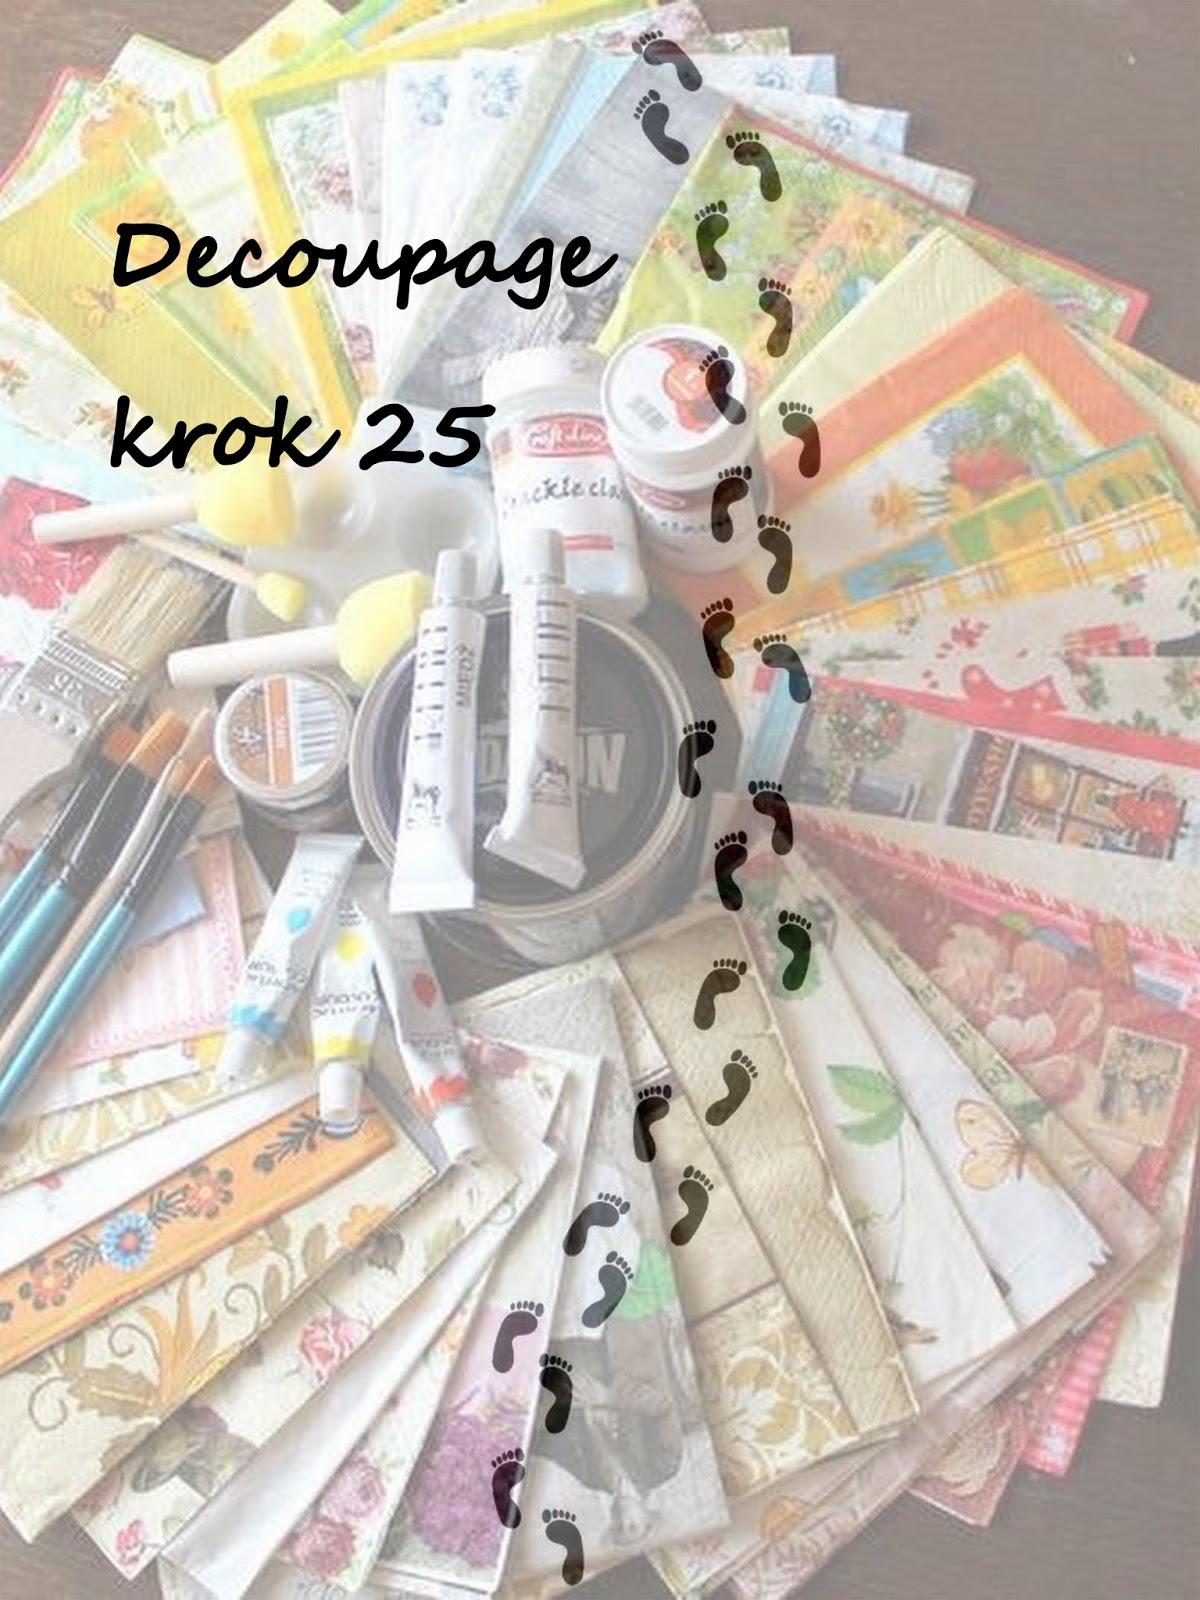 Krok 25